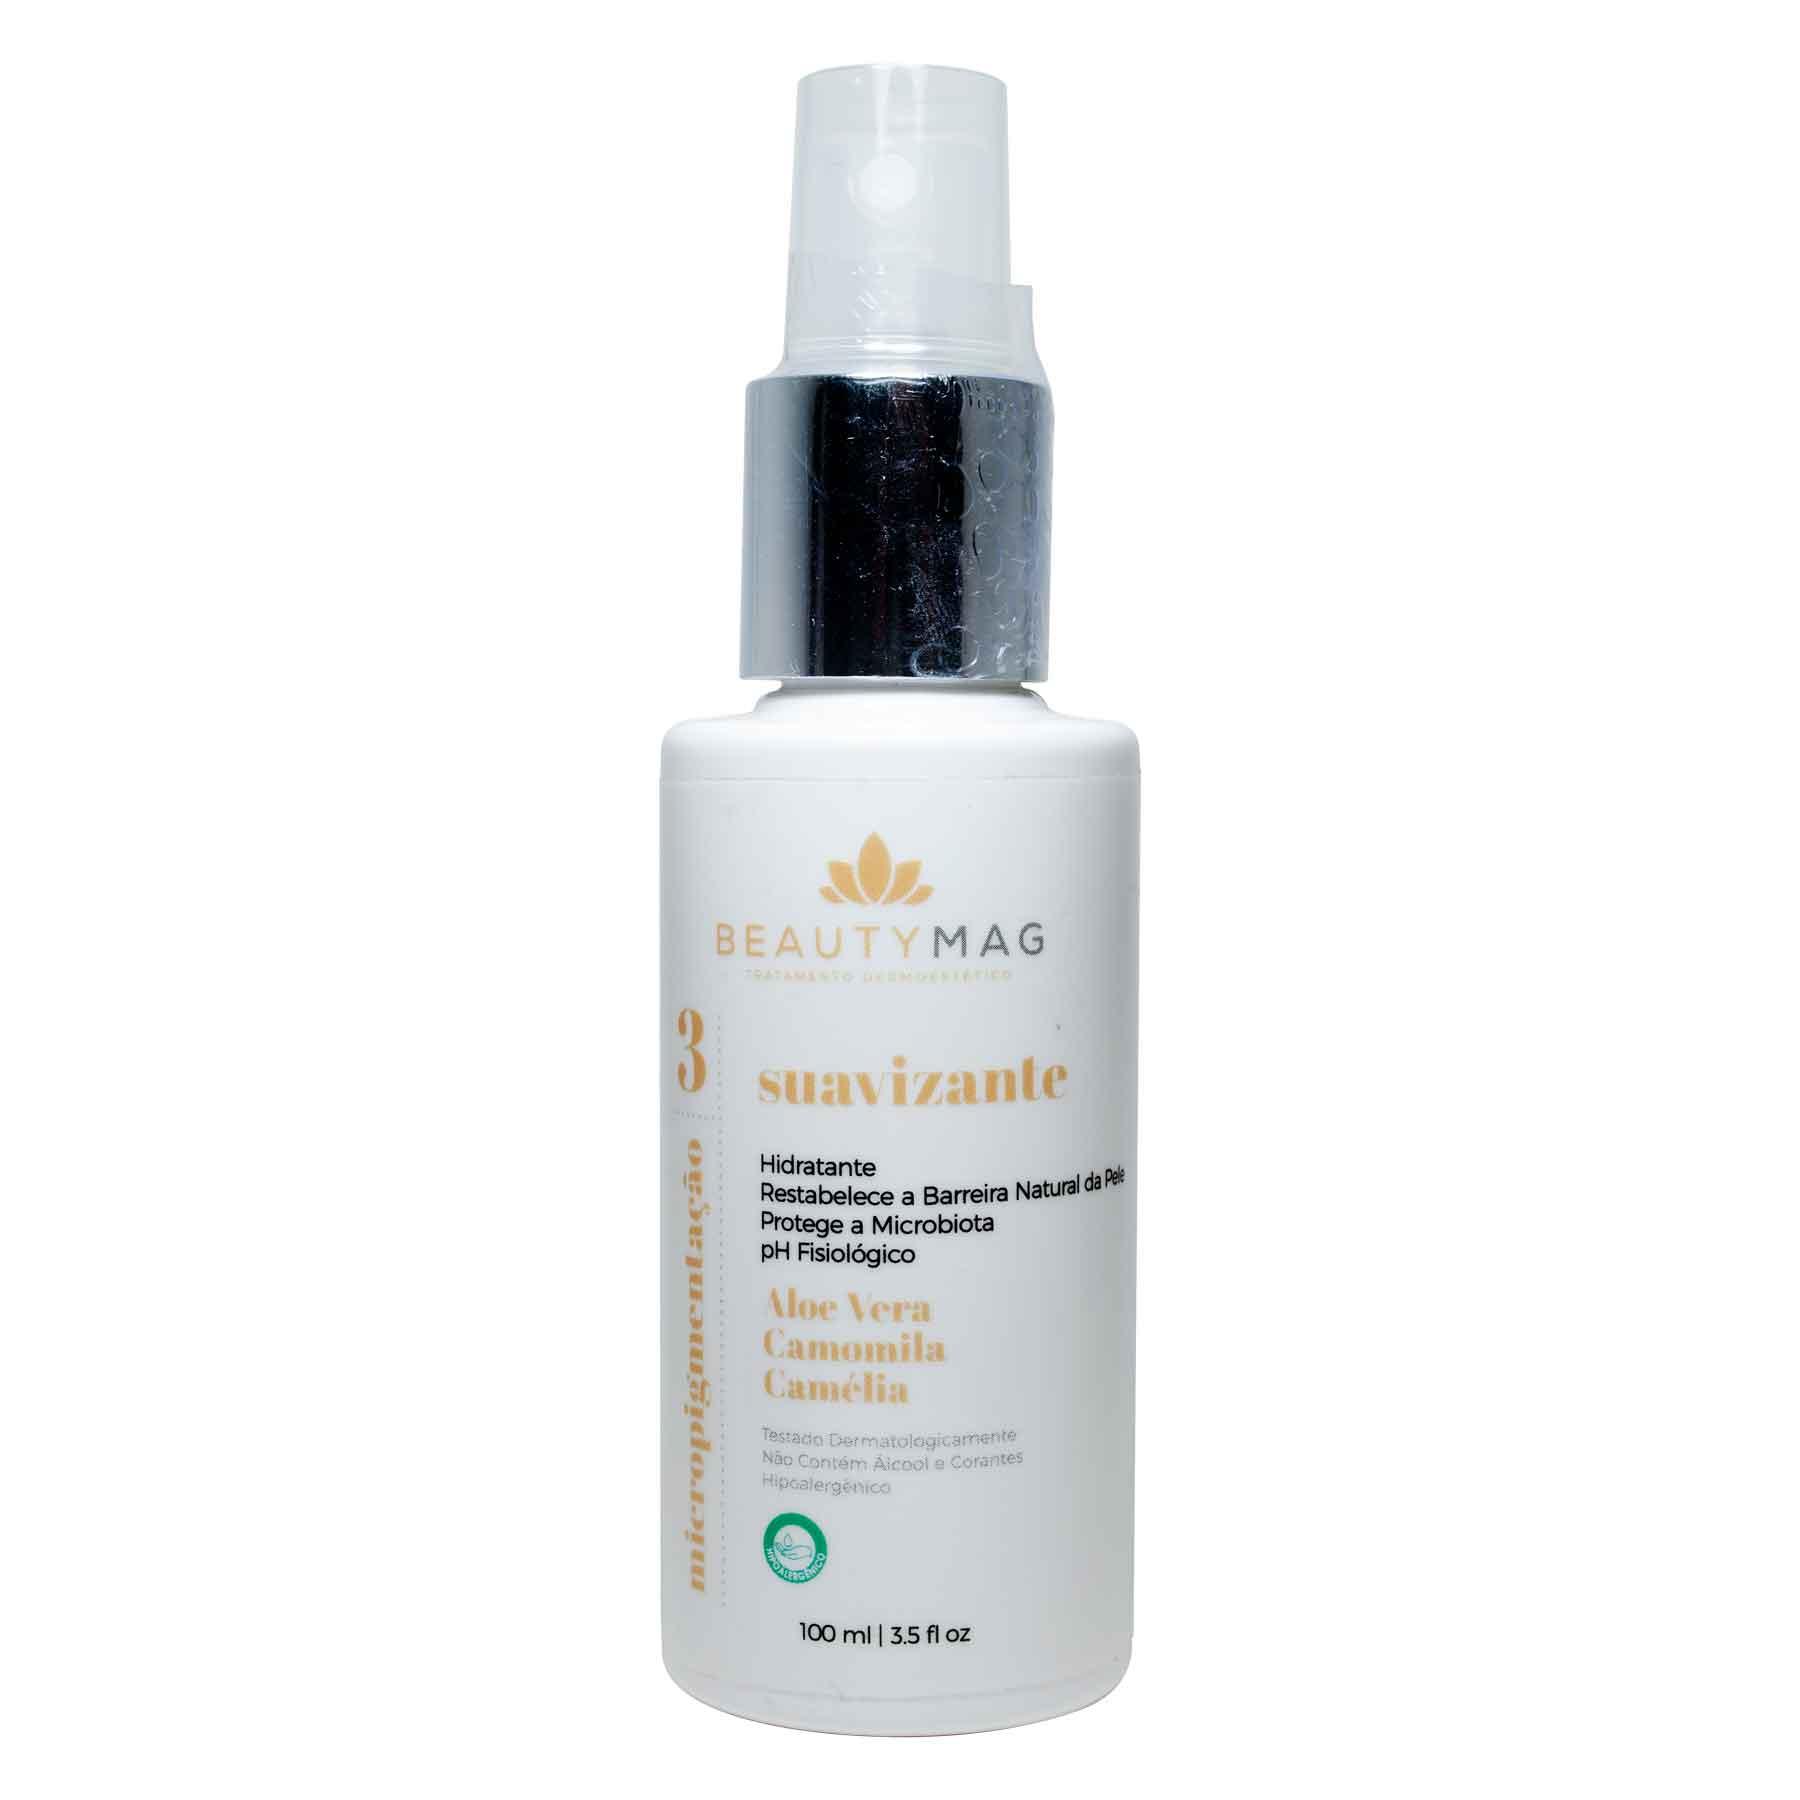 Suavizante Beauty Mag para Micropigmentação 100ml